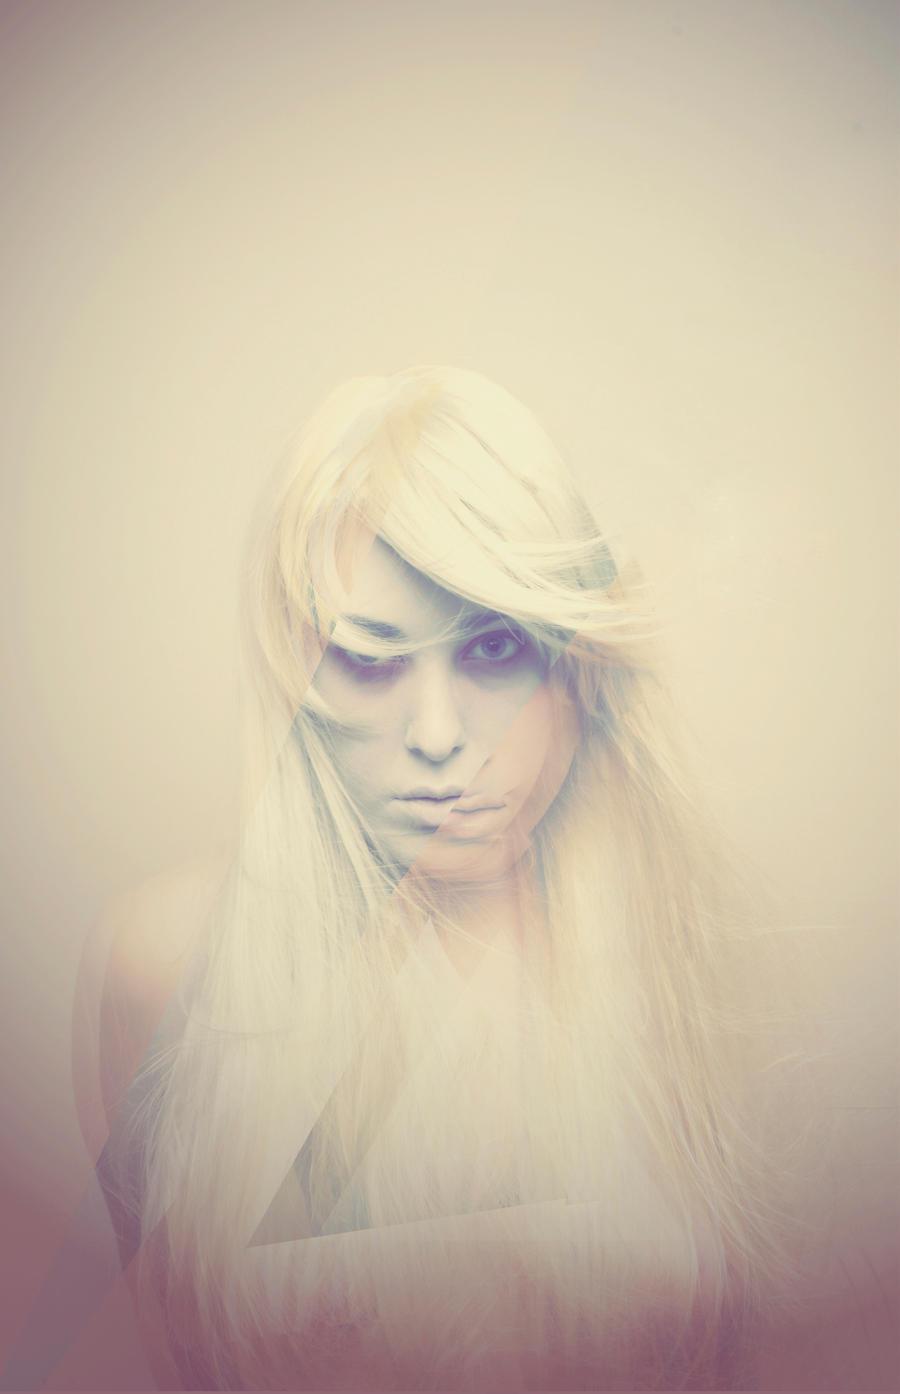 Mist by stormMajki